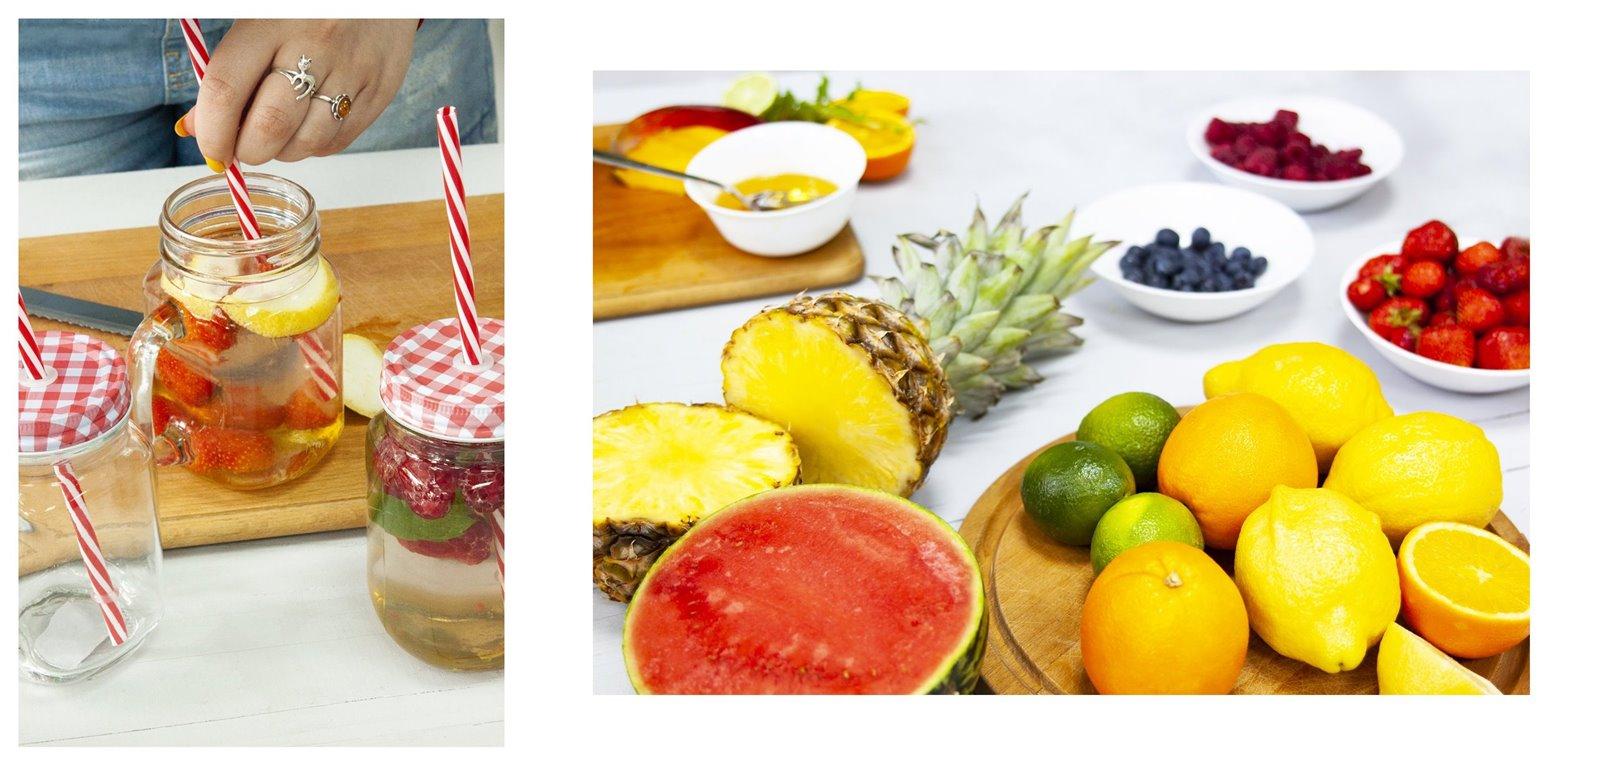 6 owoce sezon na lemoniadę browin jak zrobić pyszne napoje deser pomysły na przekąski na urodziny wakacje przyjęcie lato słoiki duży słój z kranem na lemoniadę słoiki ze słomką z uchem sklep gdzie kupić łódź